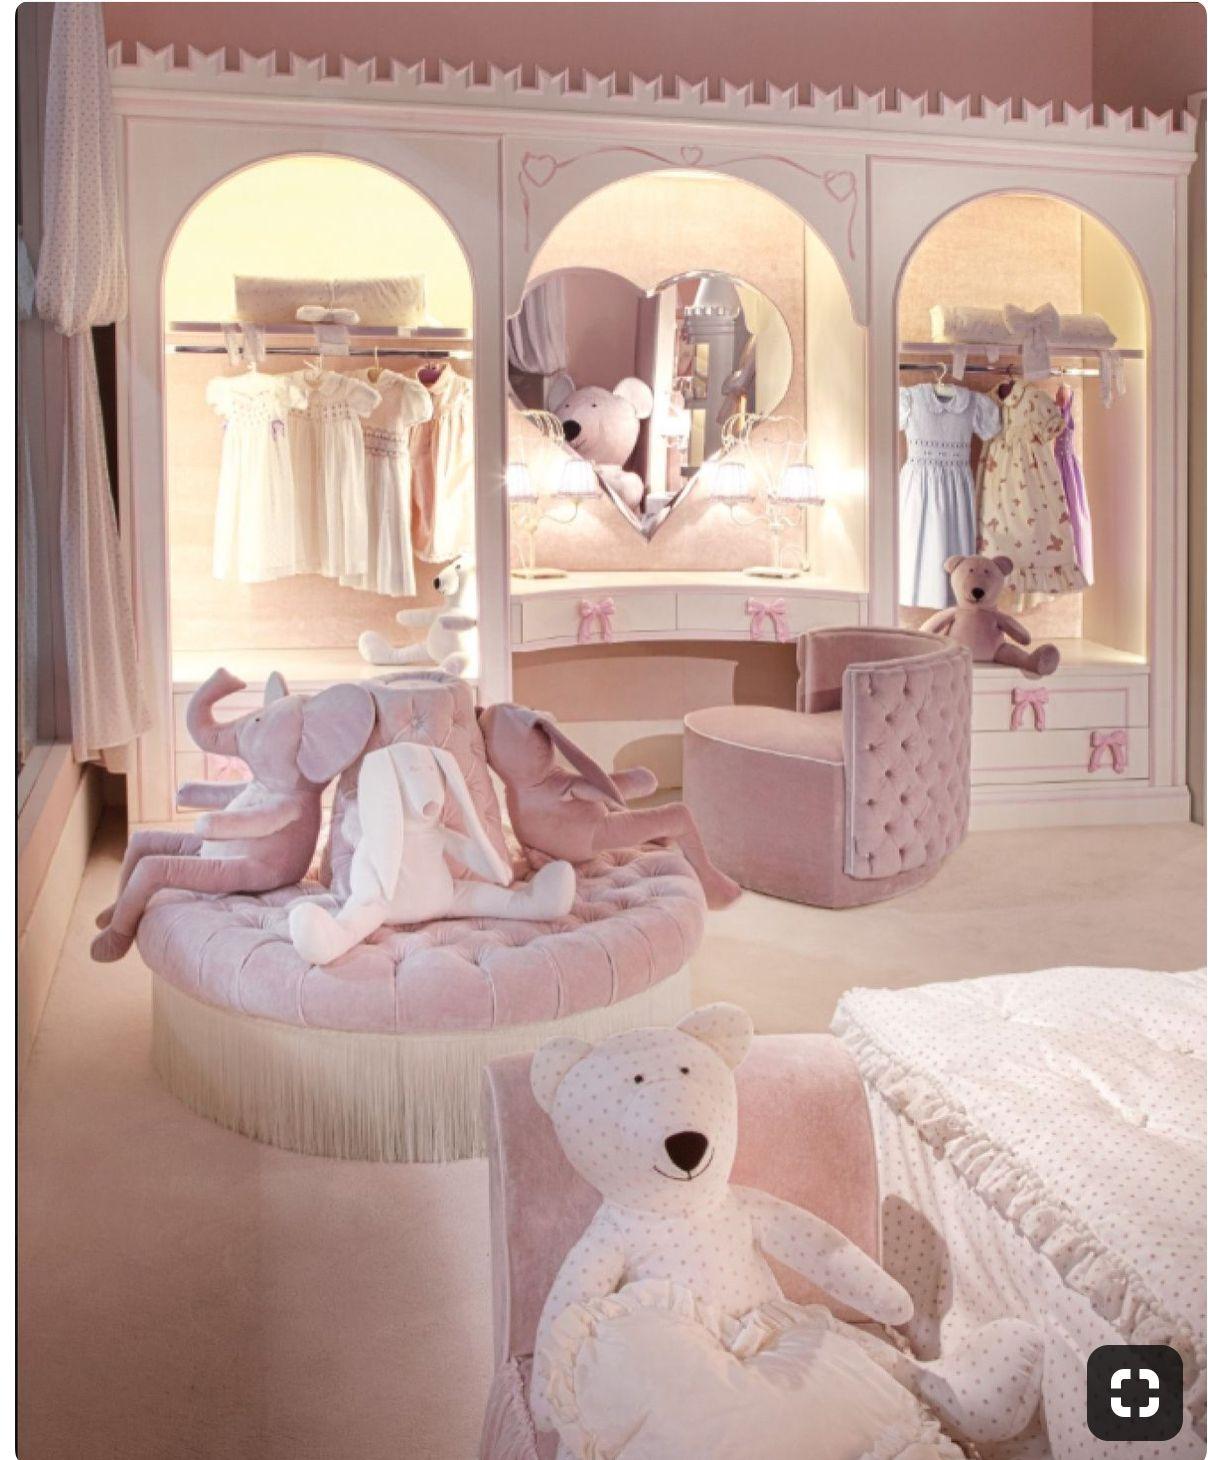 Girls Bedroom Ideas Girl Bedroom Designs Baby Room Decor Kids Room Design Girls luxury room pictures